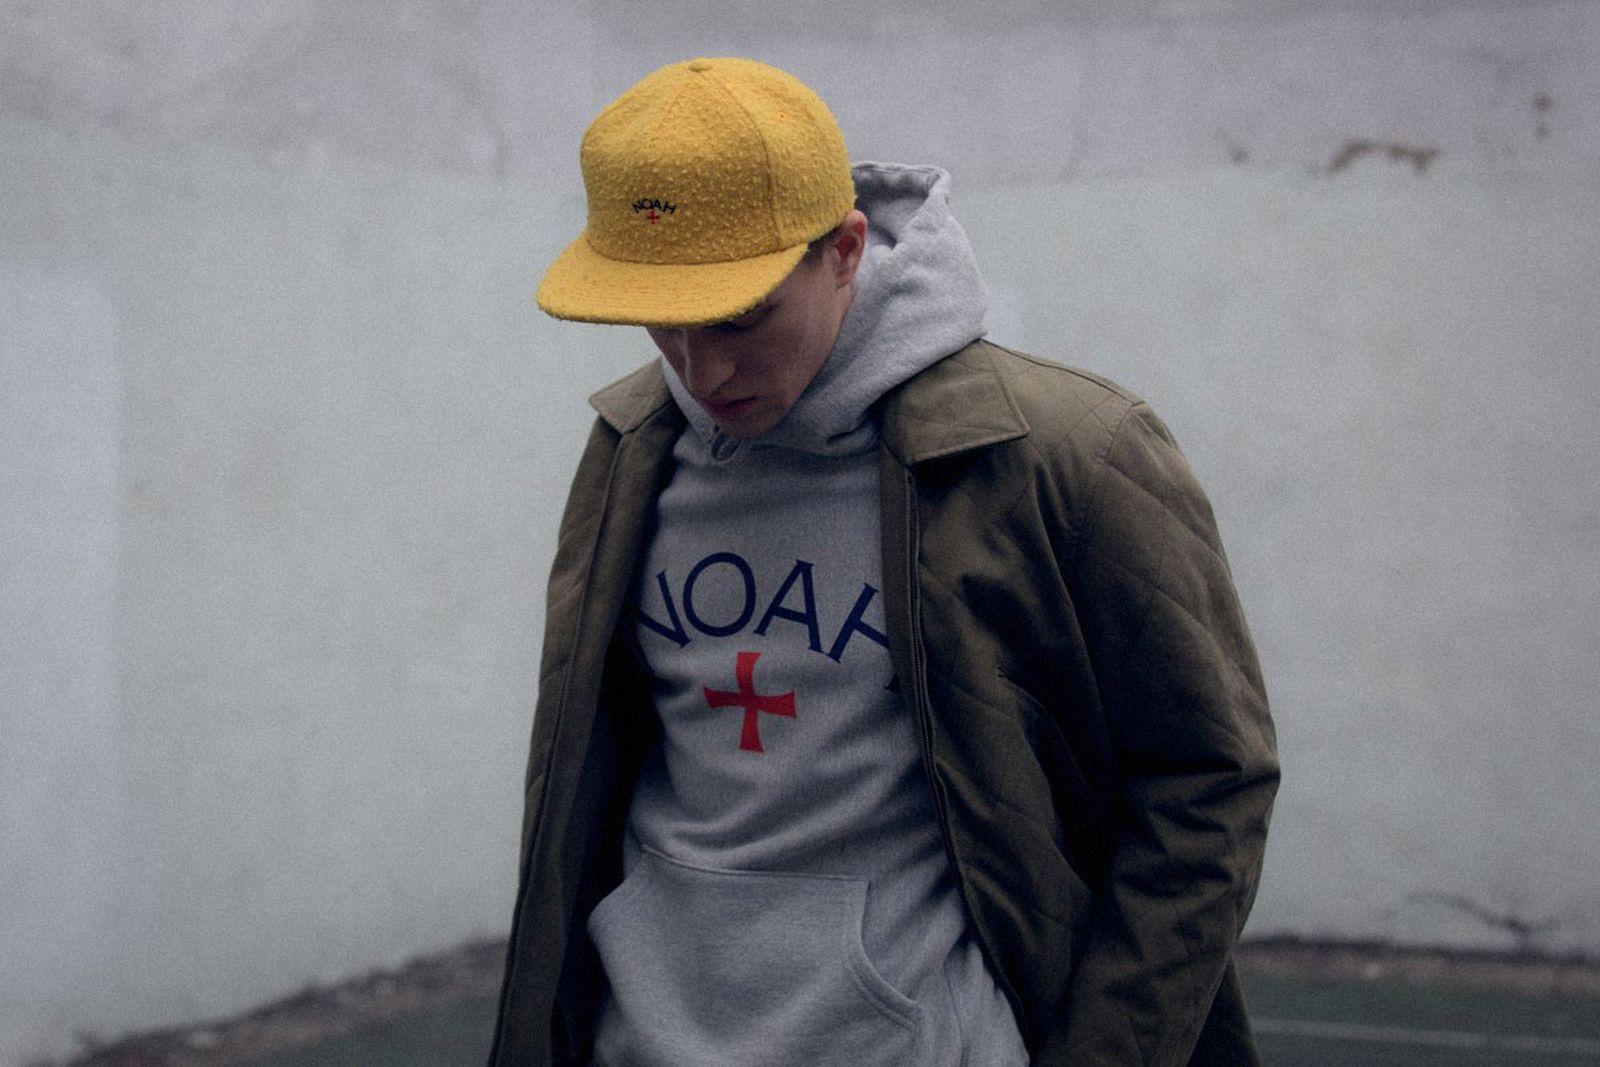 noah-clothing-guide-02